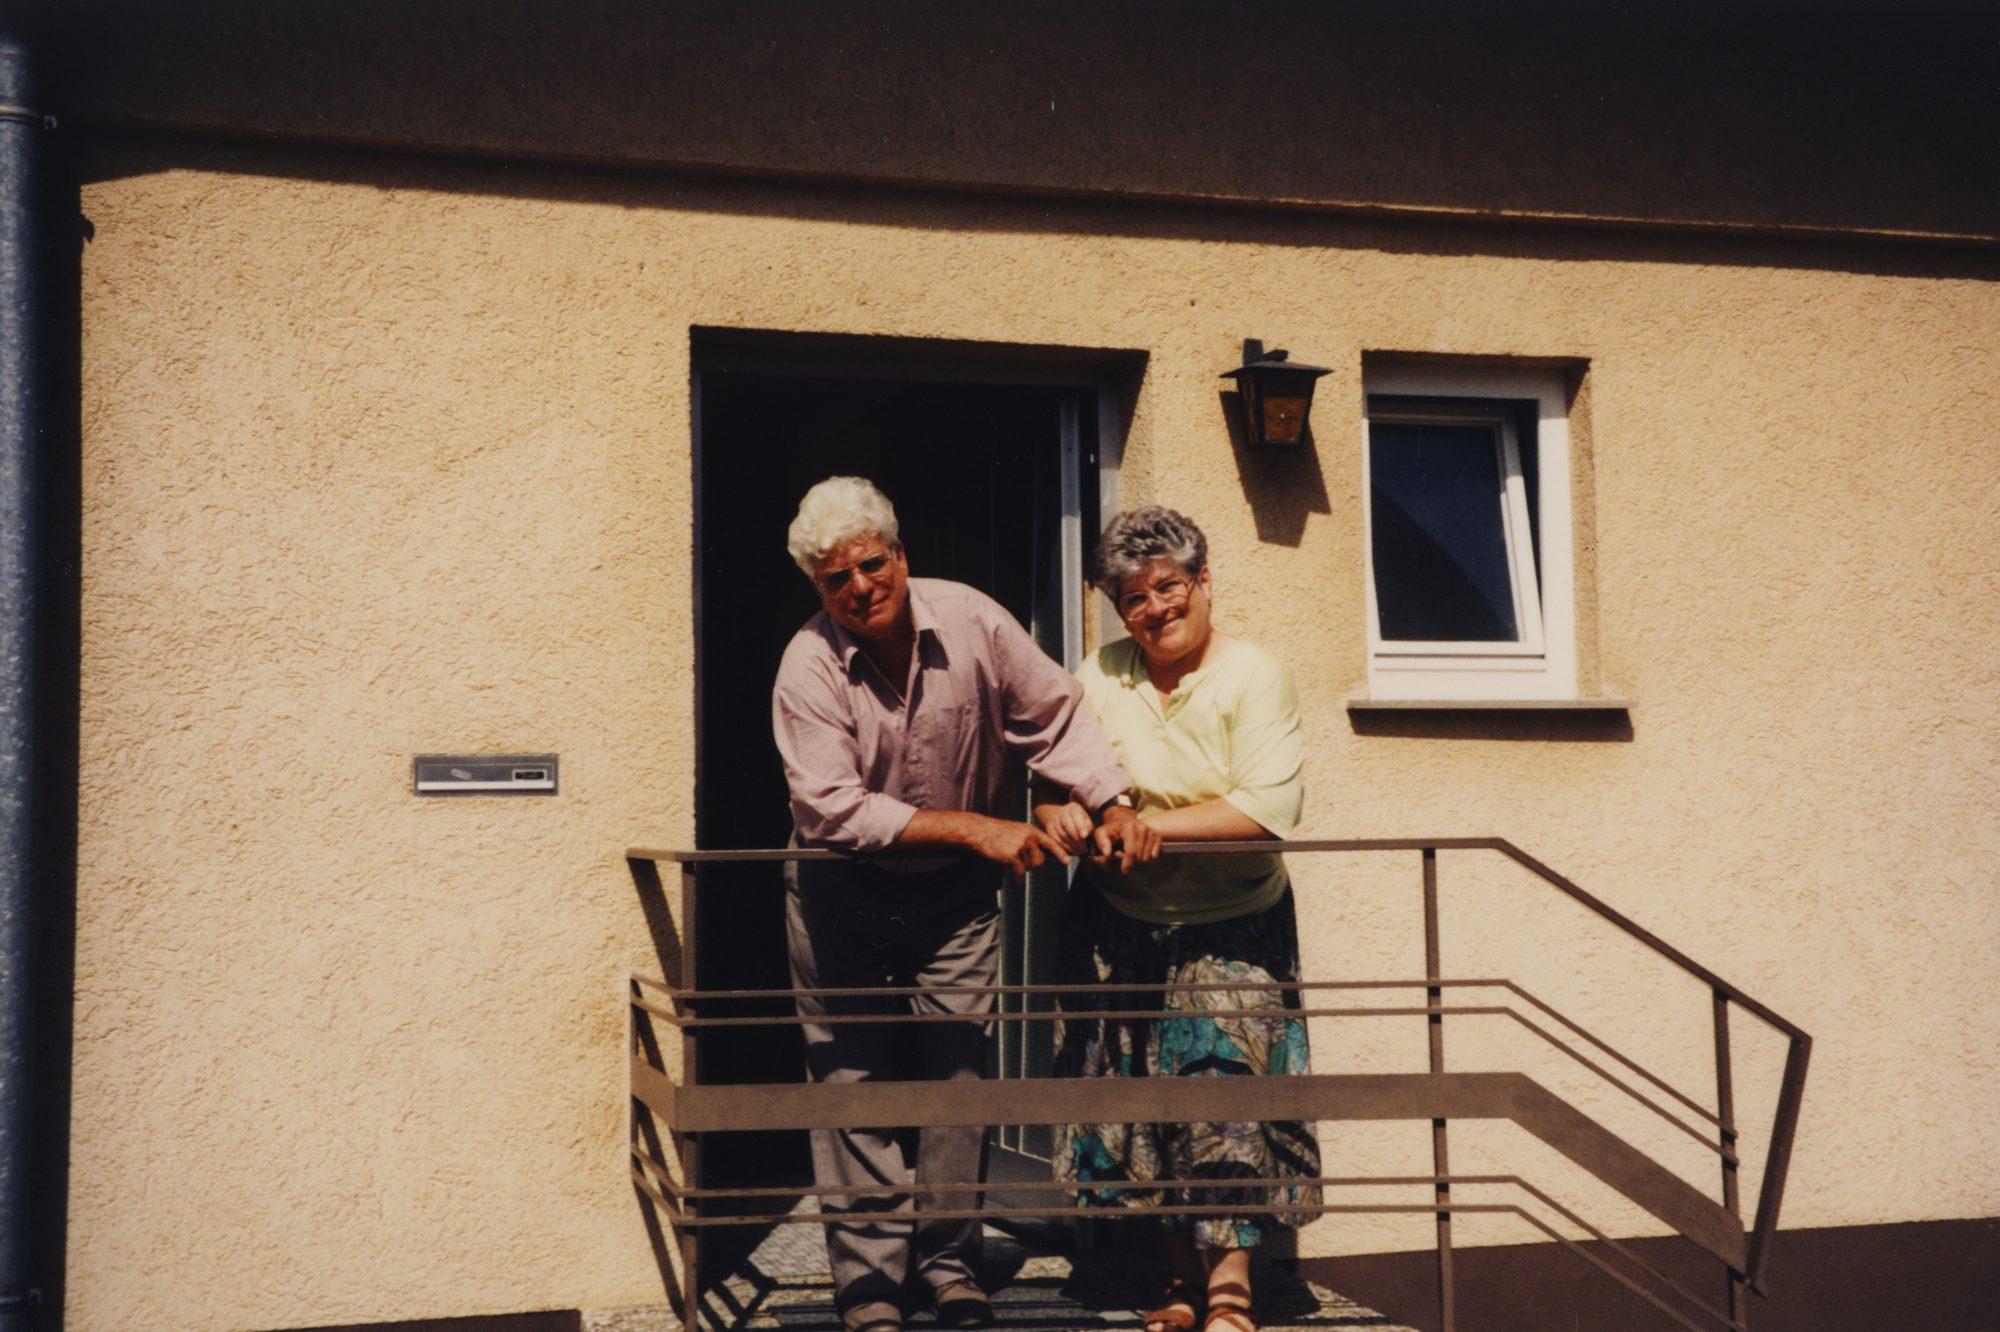 Juli 1993 - Tante Anni und Onkel Ernst in Heitersheim